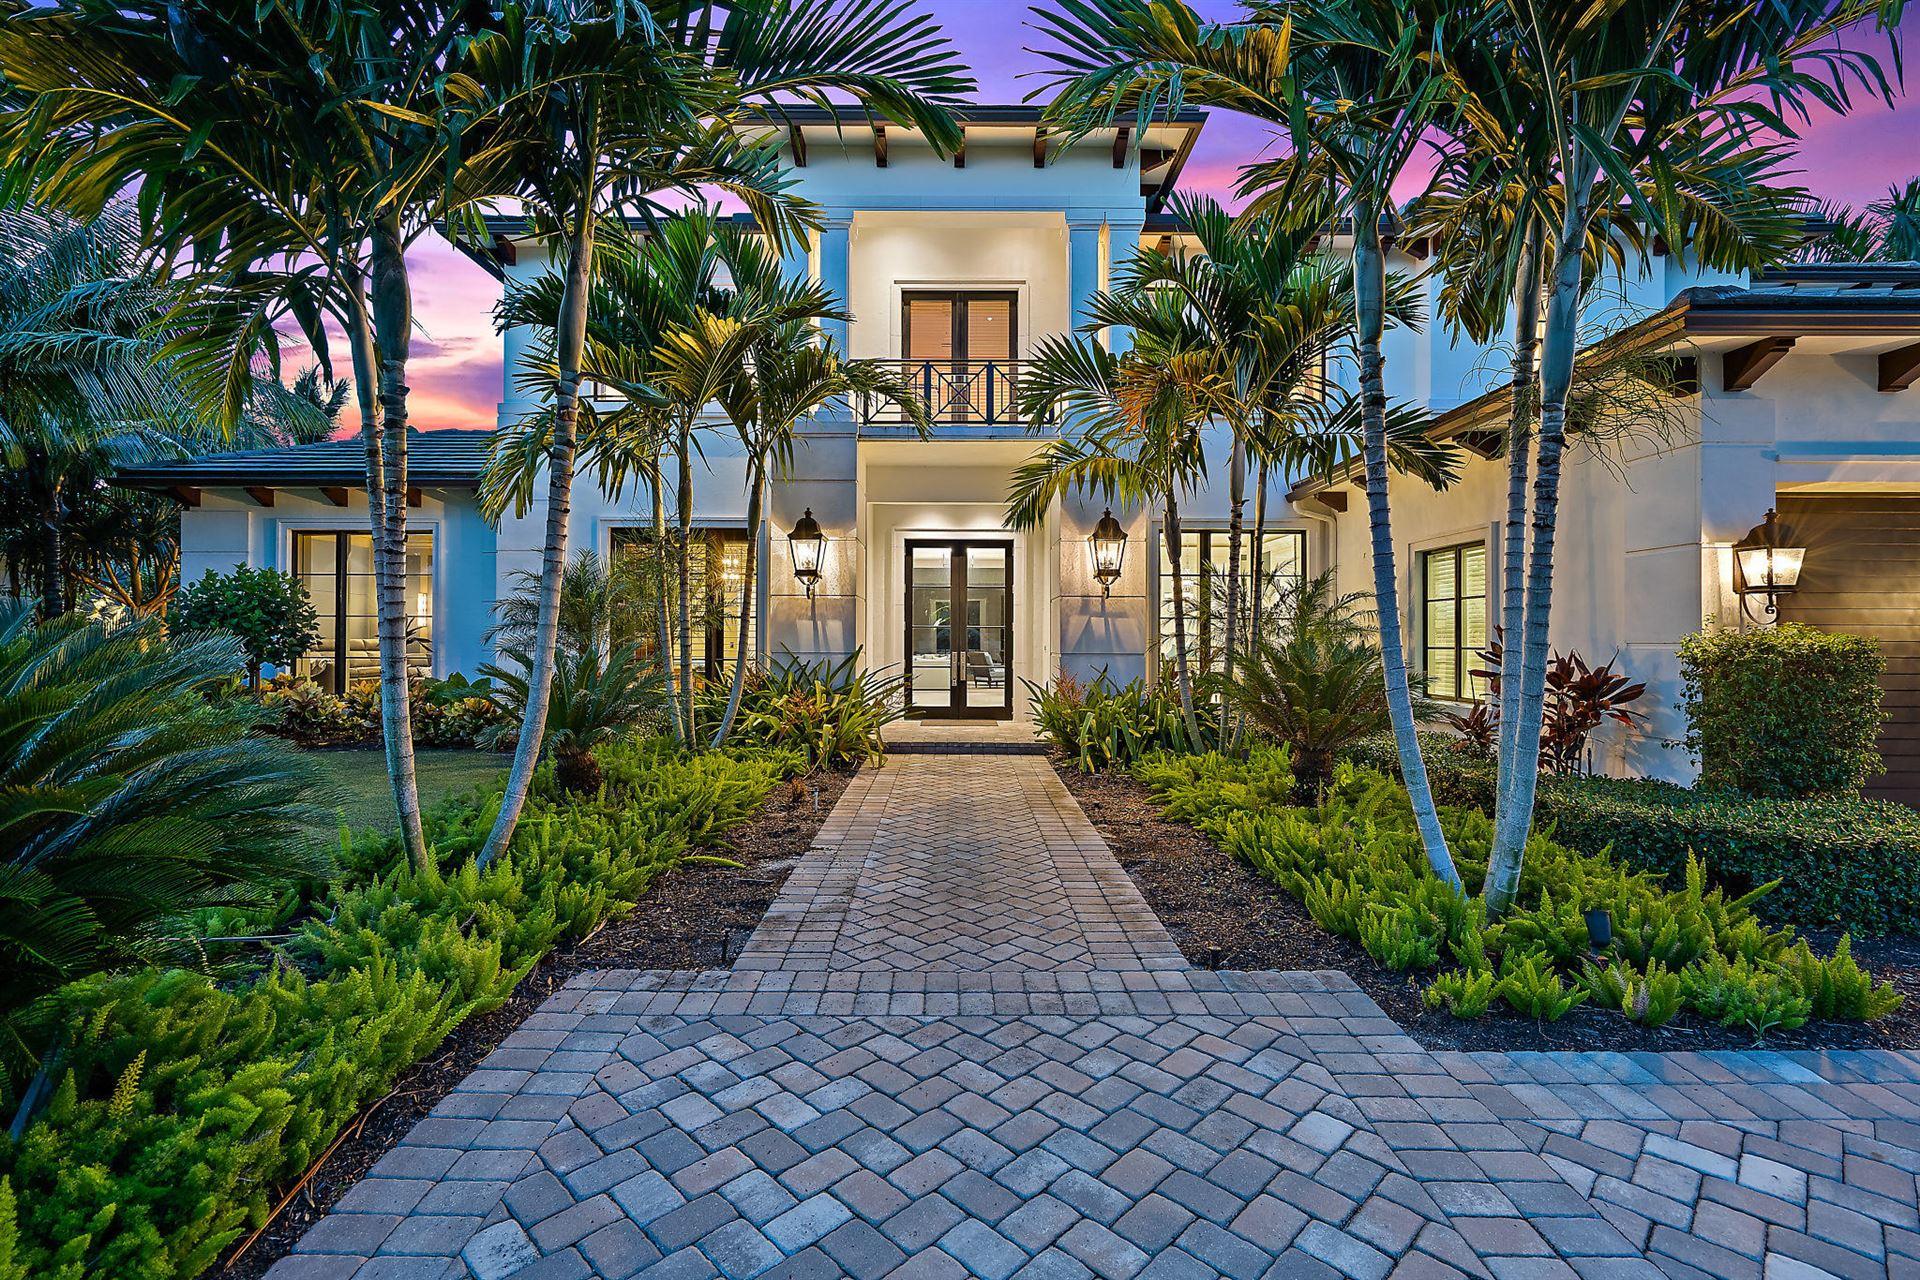 12003 Cielo Court, Palm Beach Gardens, FL 33418 - #: RX-10568435